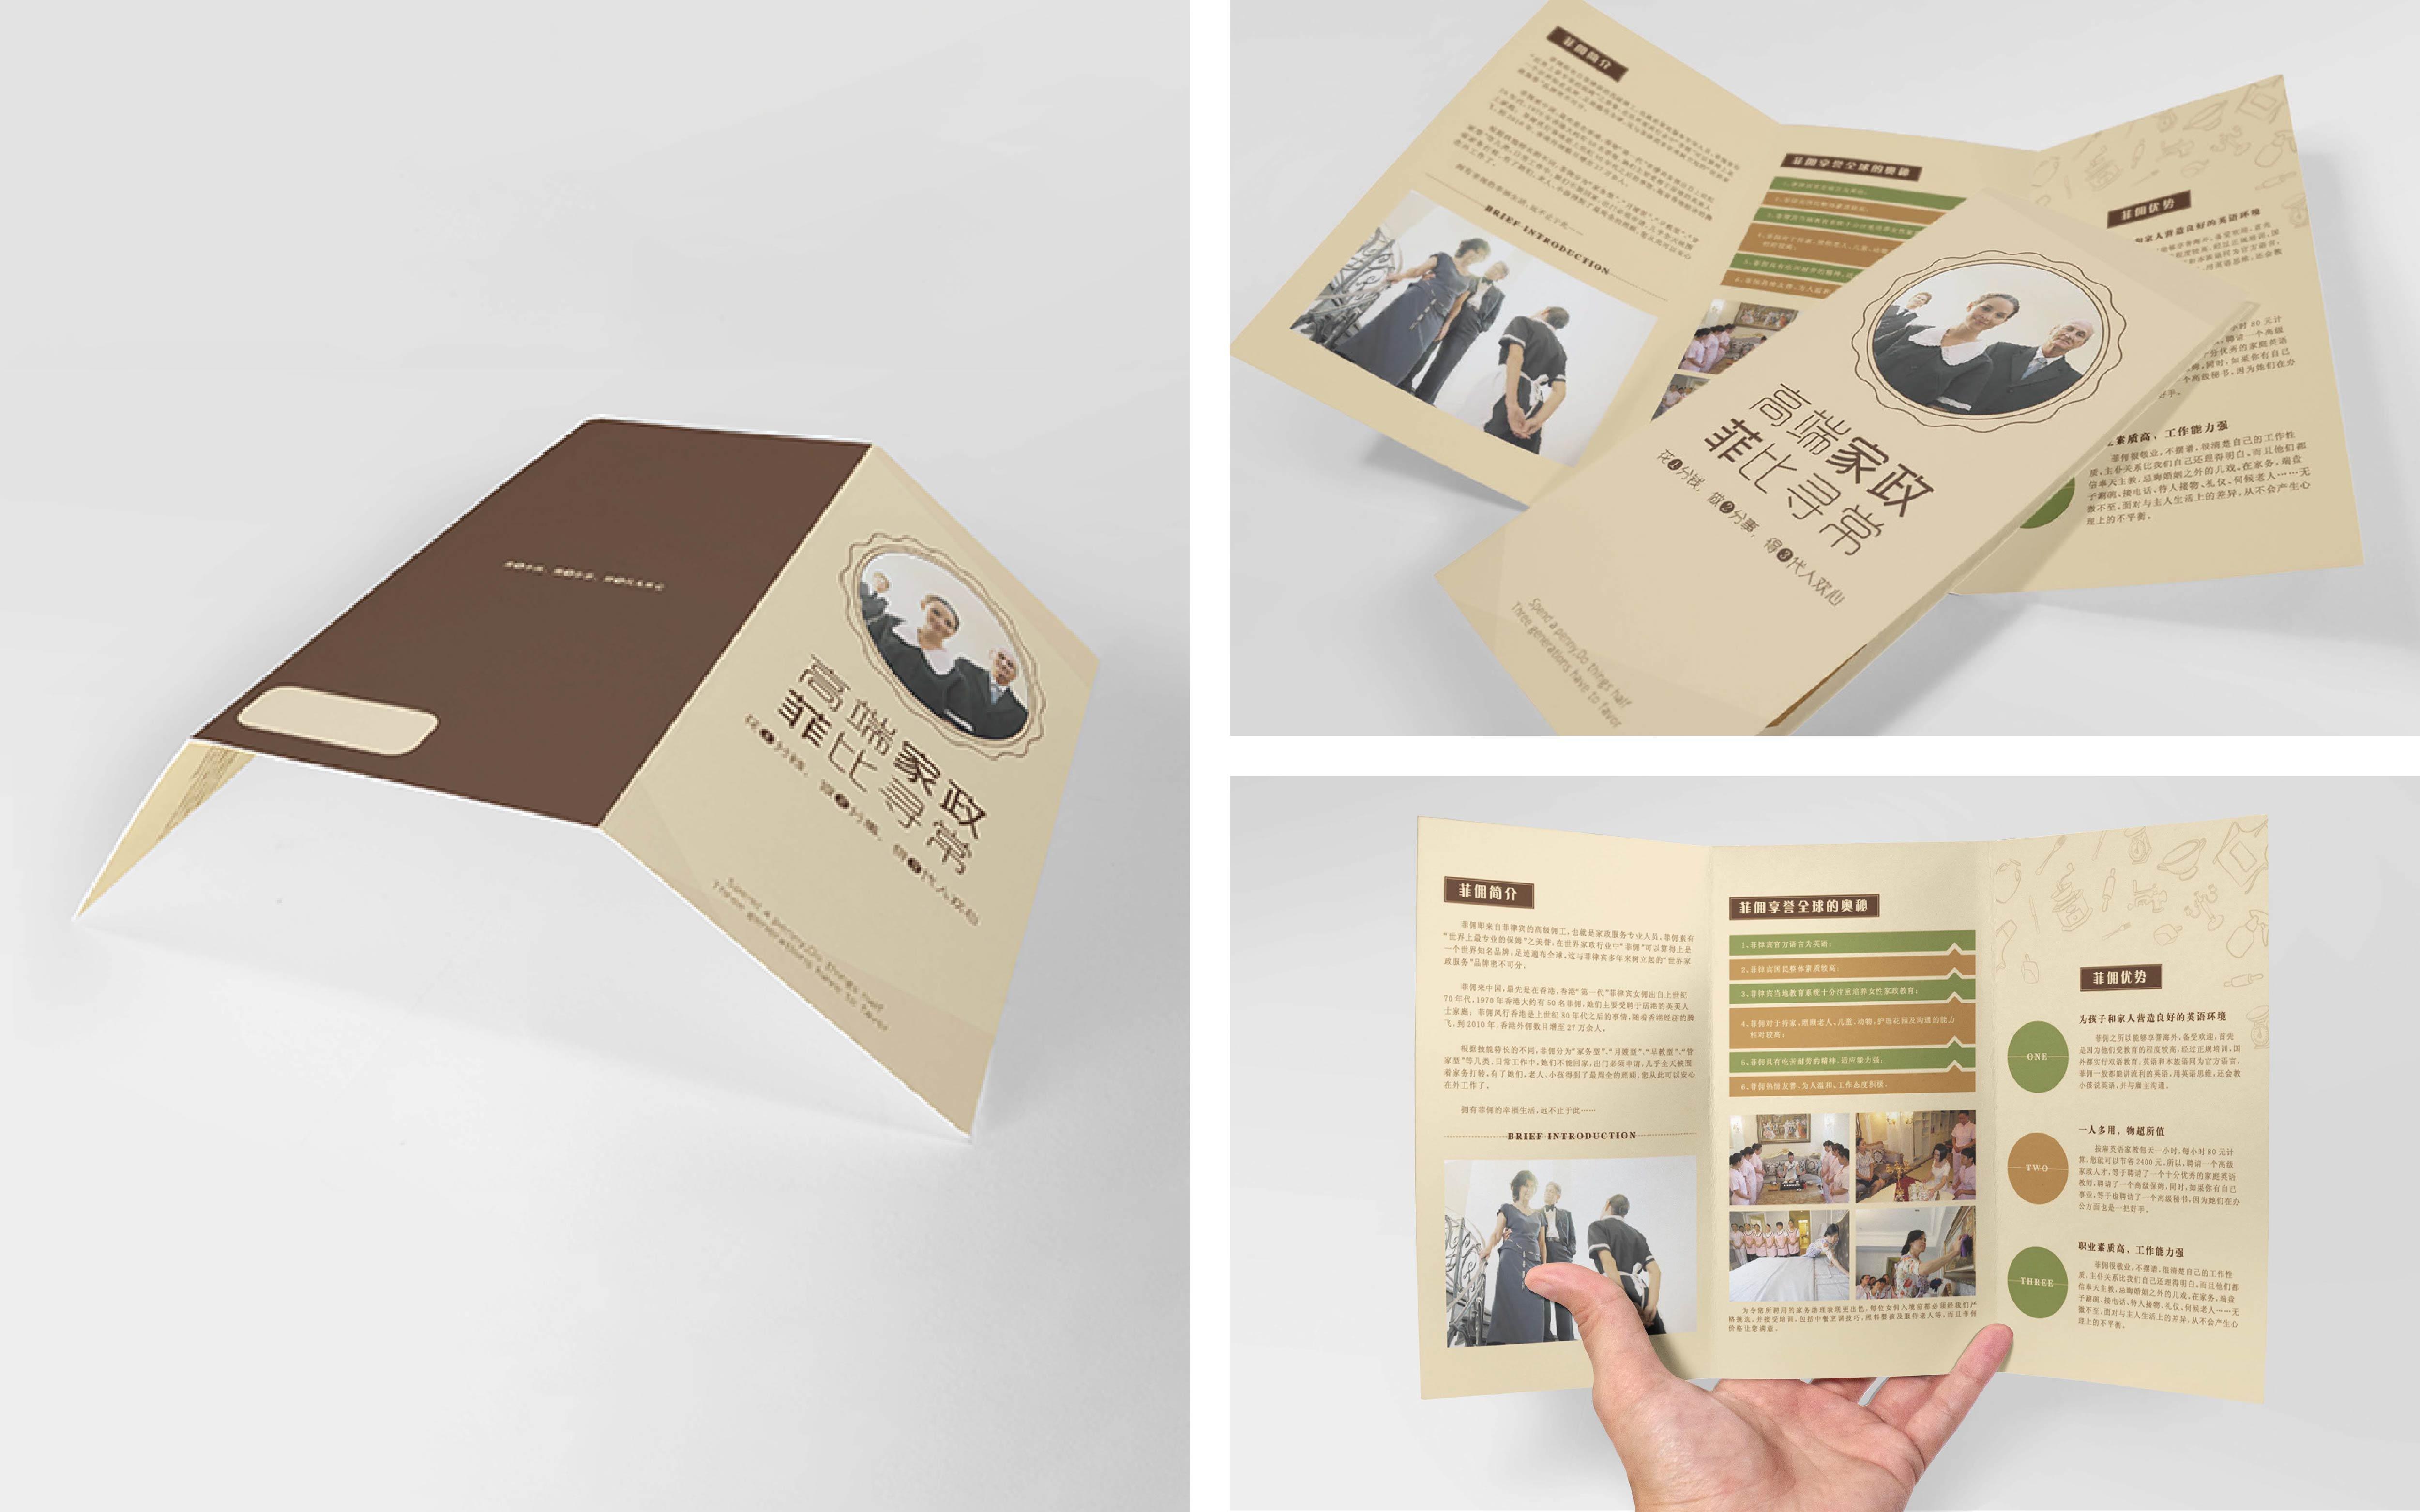 品牌产品推广楼盘销售旅游学校招生特约加盟使用说明宣传单设计